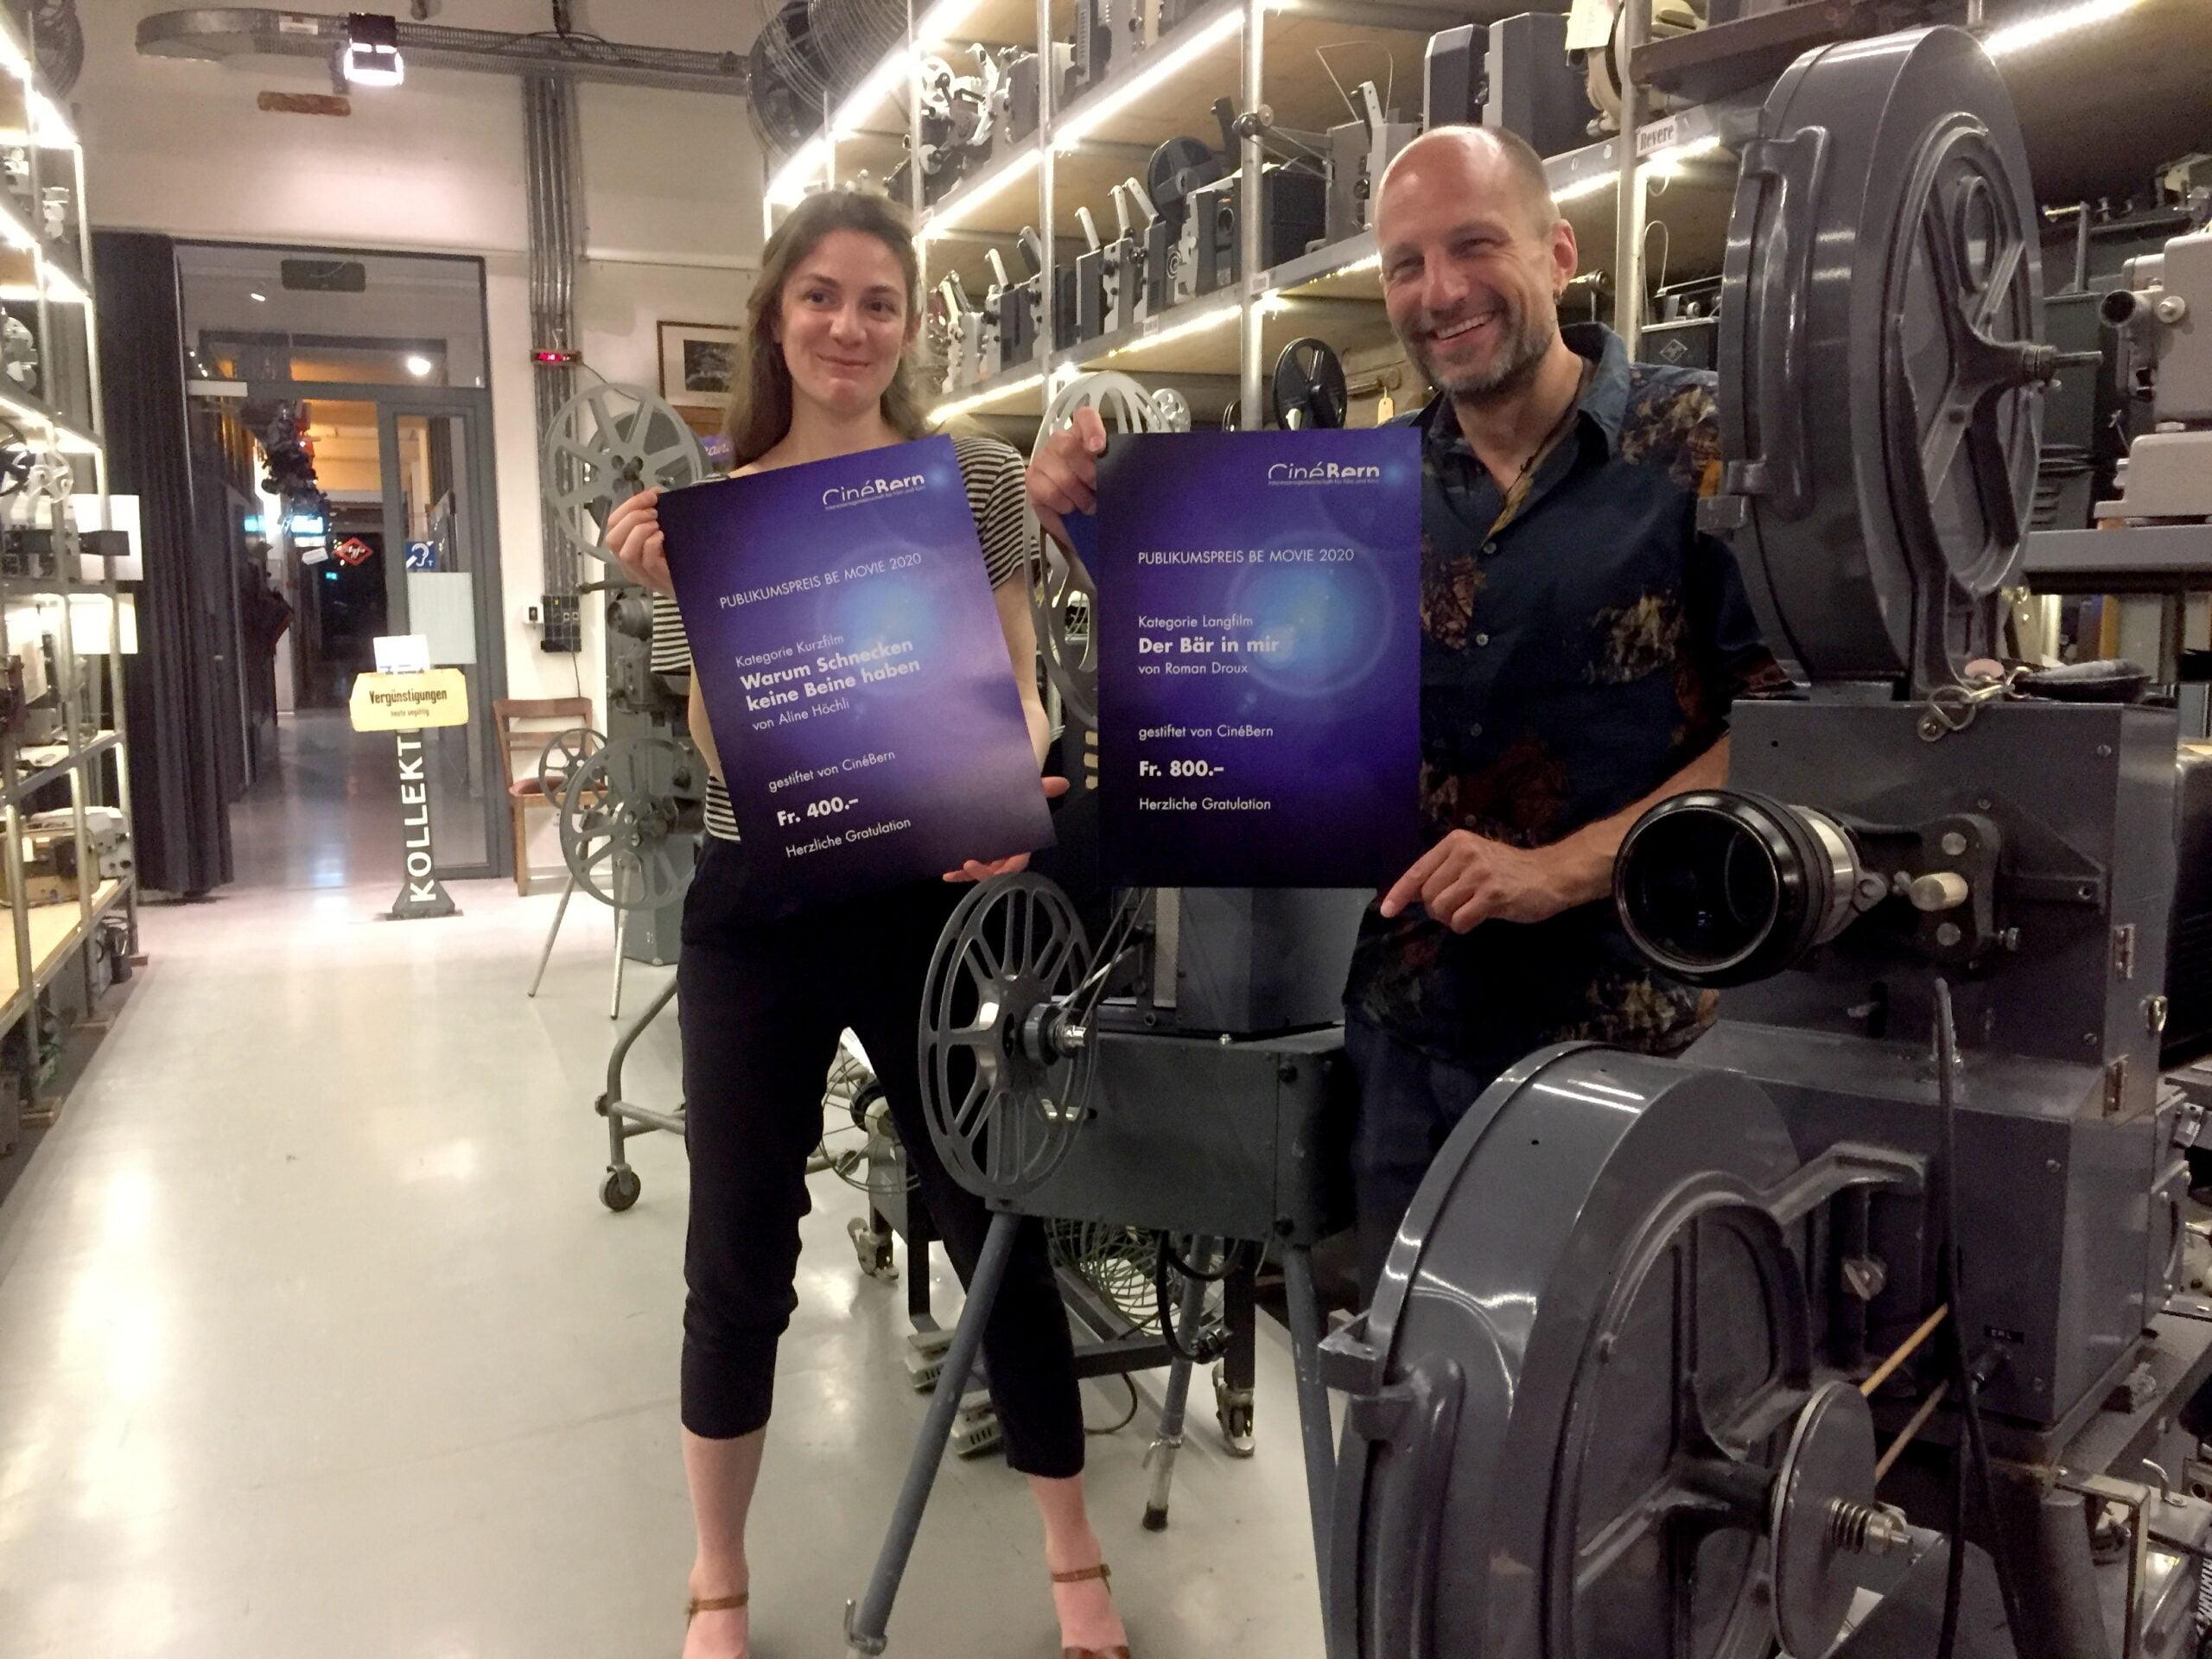 Aline Höchli und Roman Droux bei der Vergabe der Publikumspreise BE-Movie 2020.